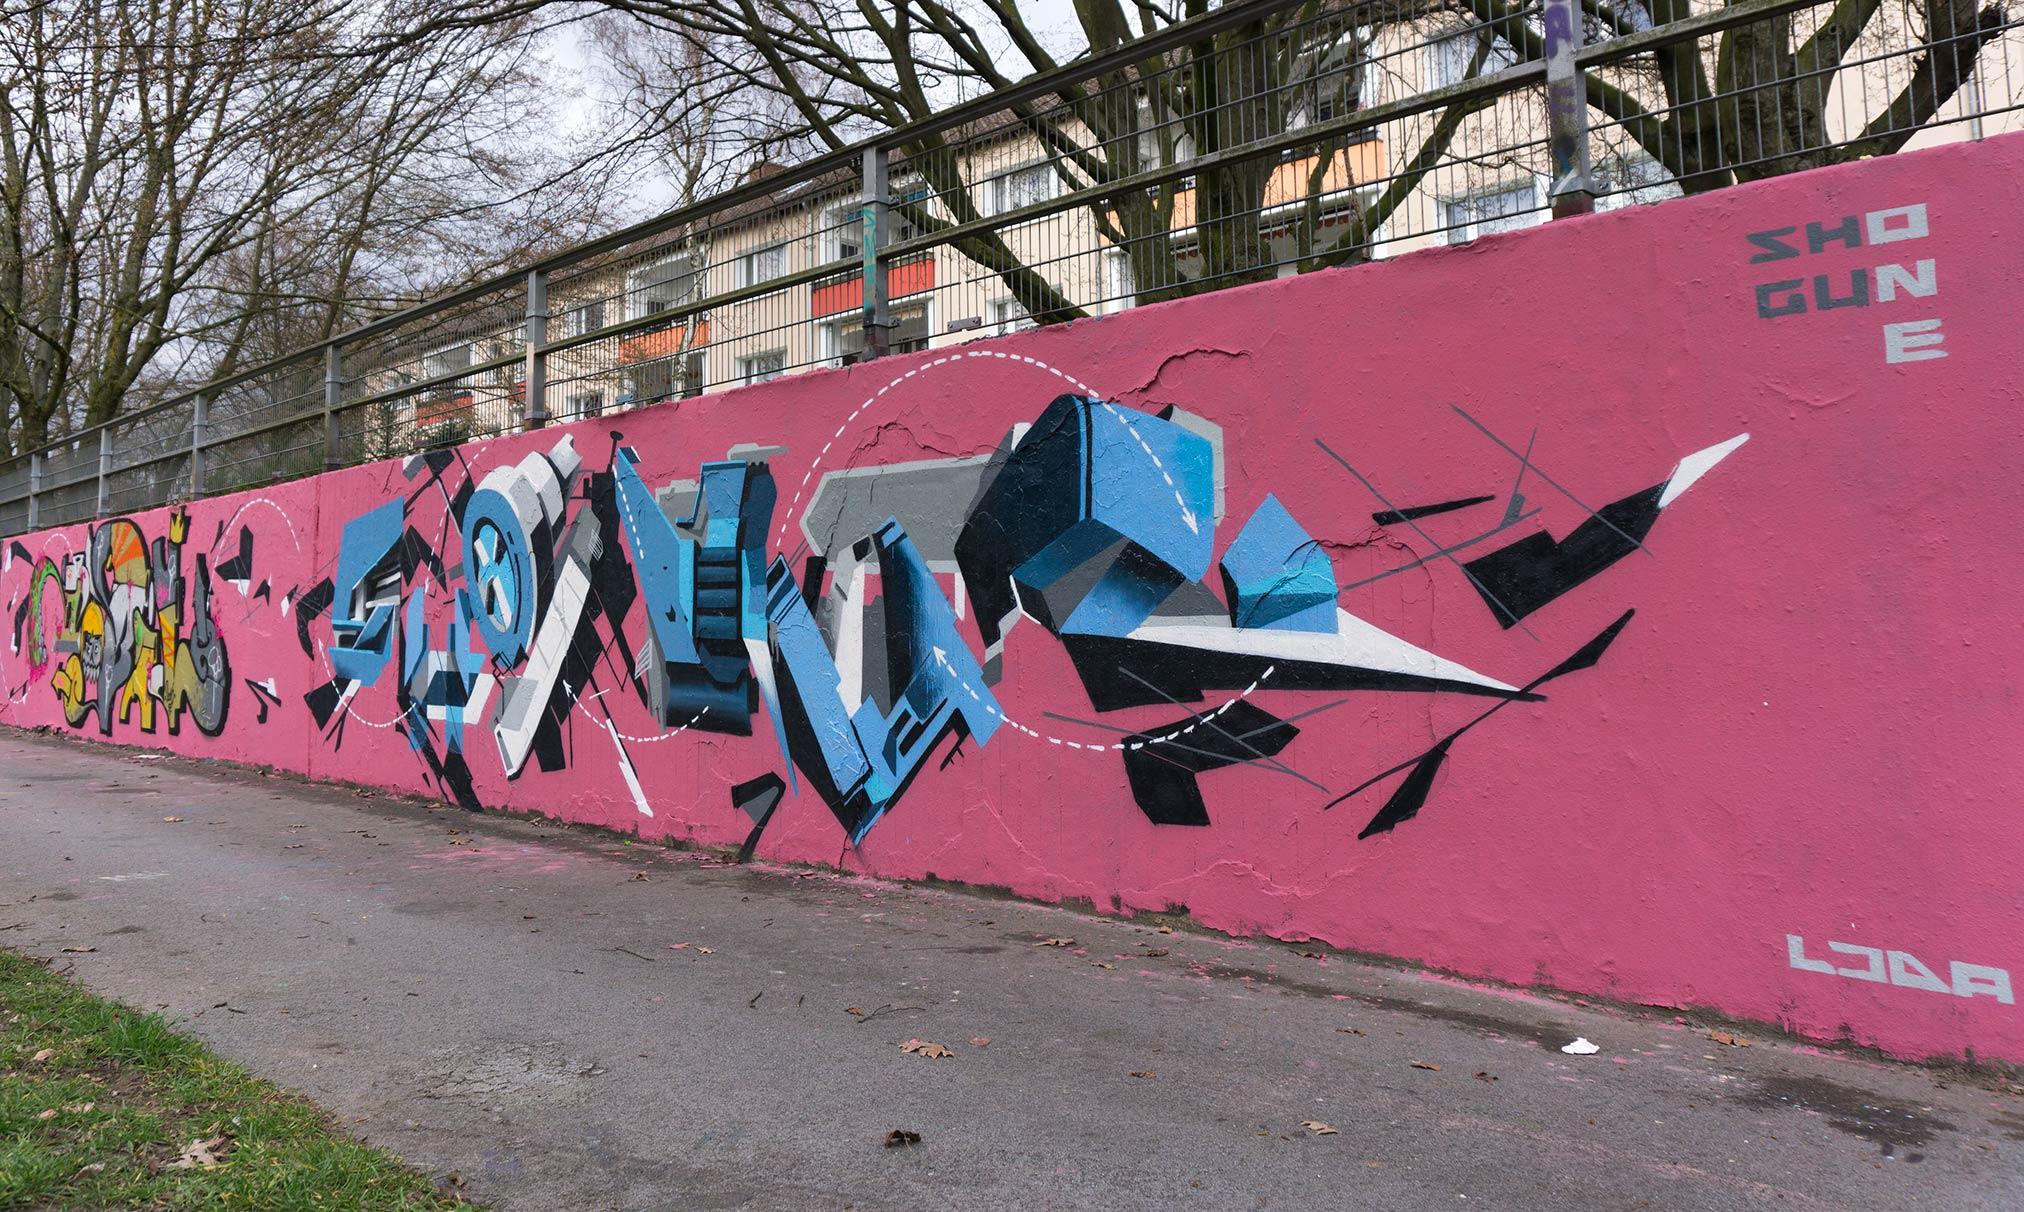 shogun_graffiti_monheim_ljda_2016_2